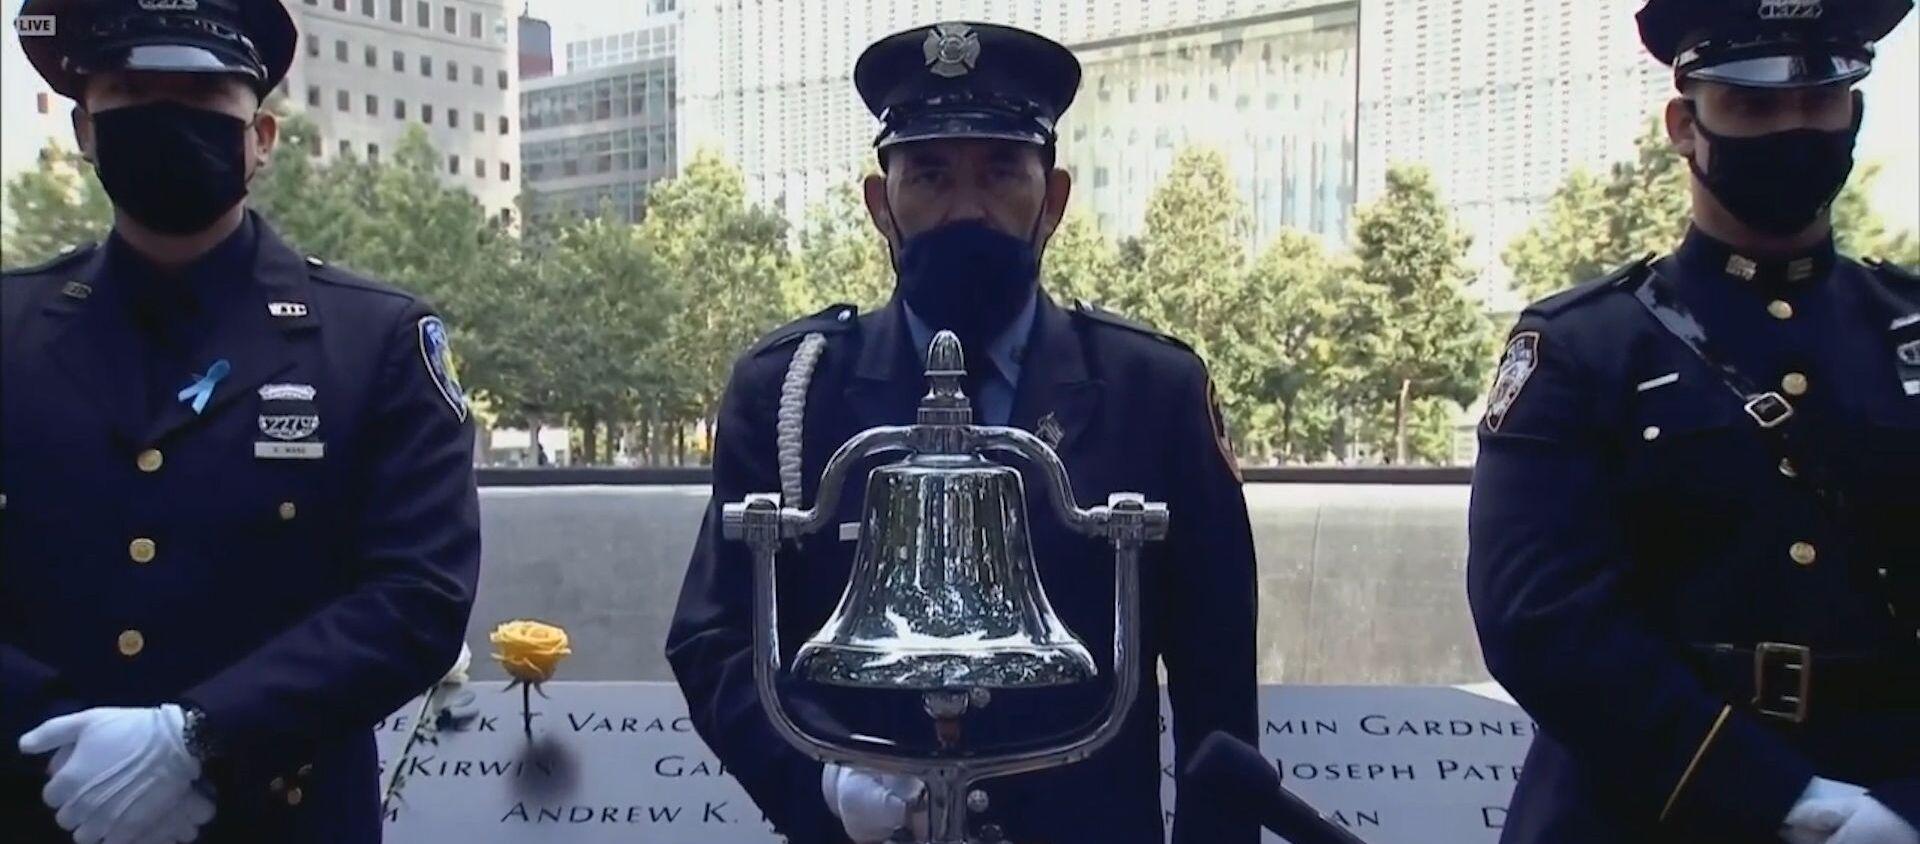 В Америке почтили память погибших во время теракта 11 сентября - Sputnik Узбекистан, 1920, 12.09.2020